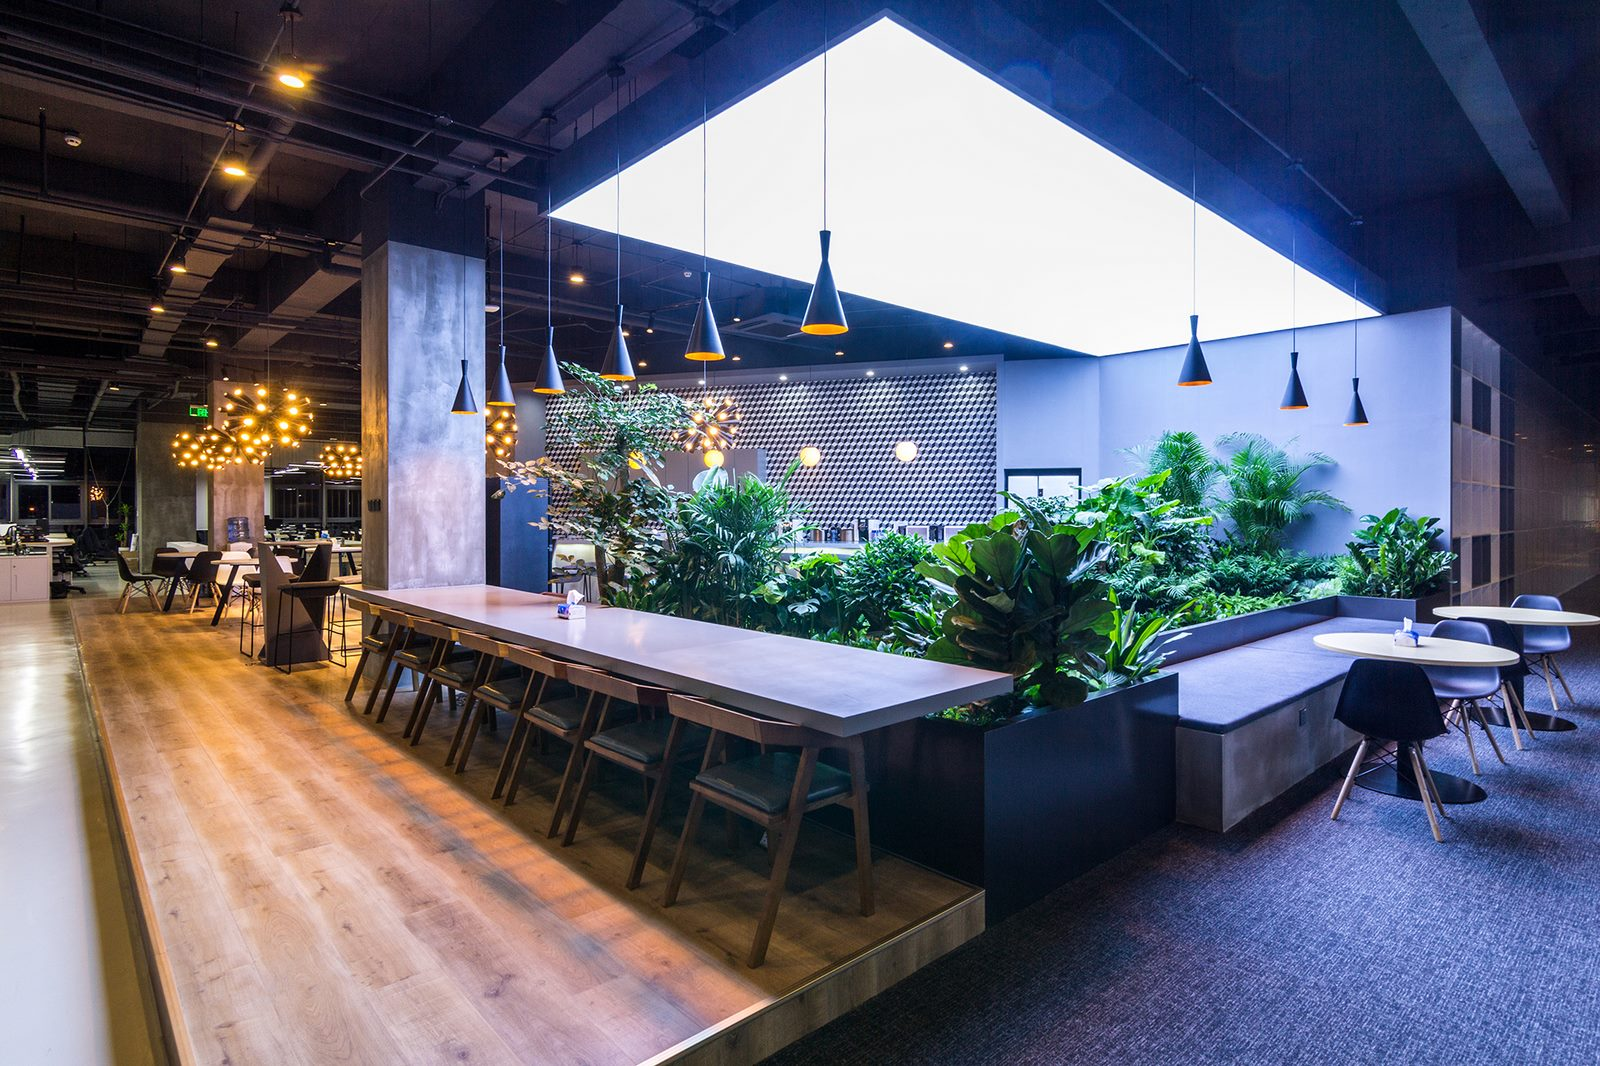 inDeco explora el futuro espacio de trabajo mediante diseño modular en las oficinas de Byton Nanjing 24